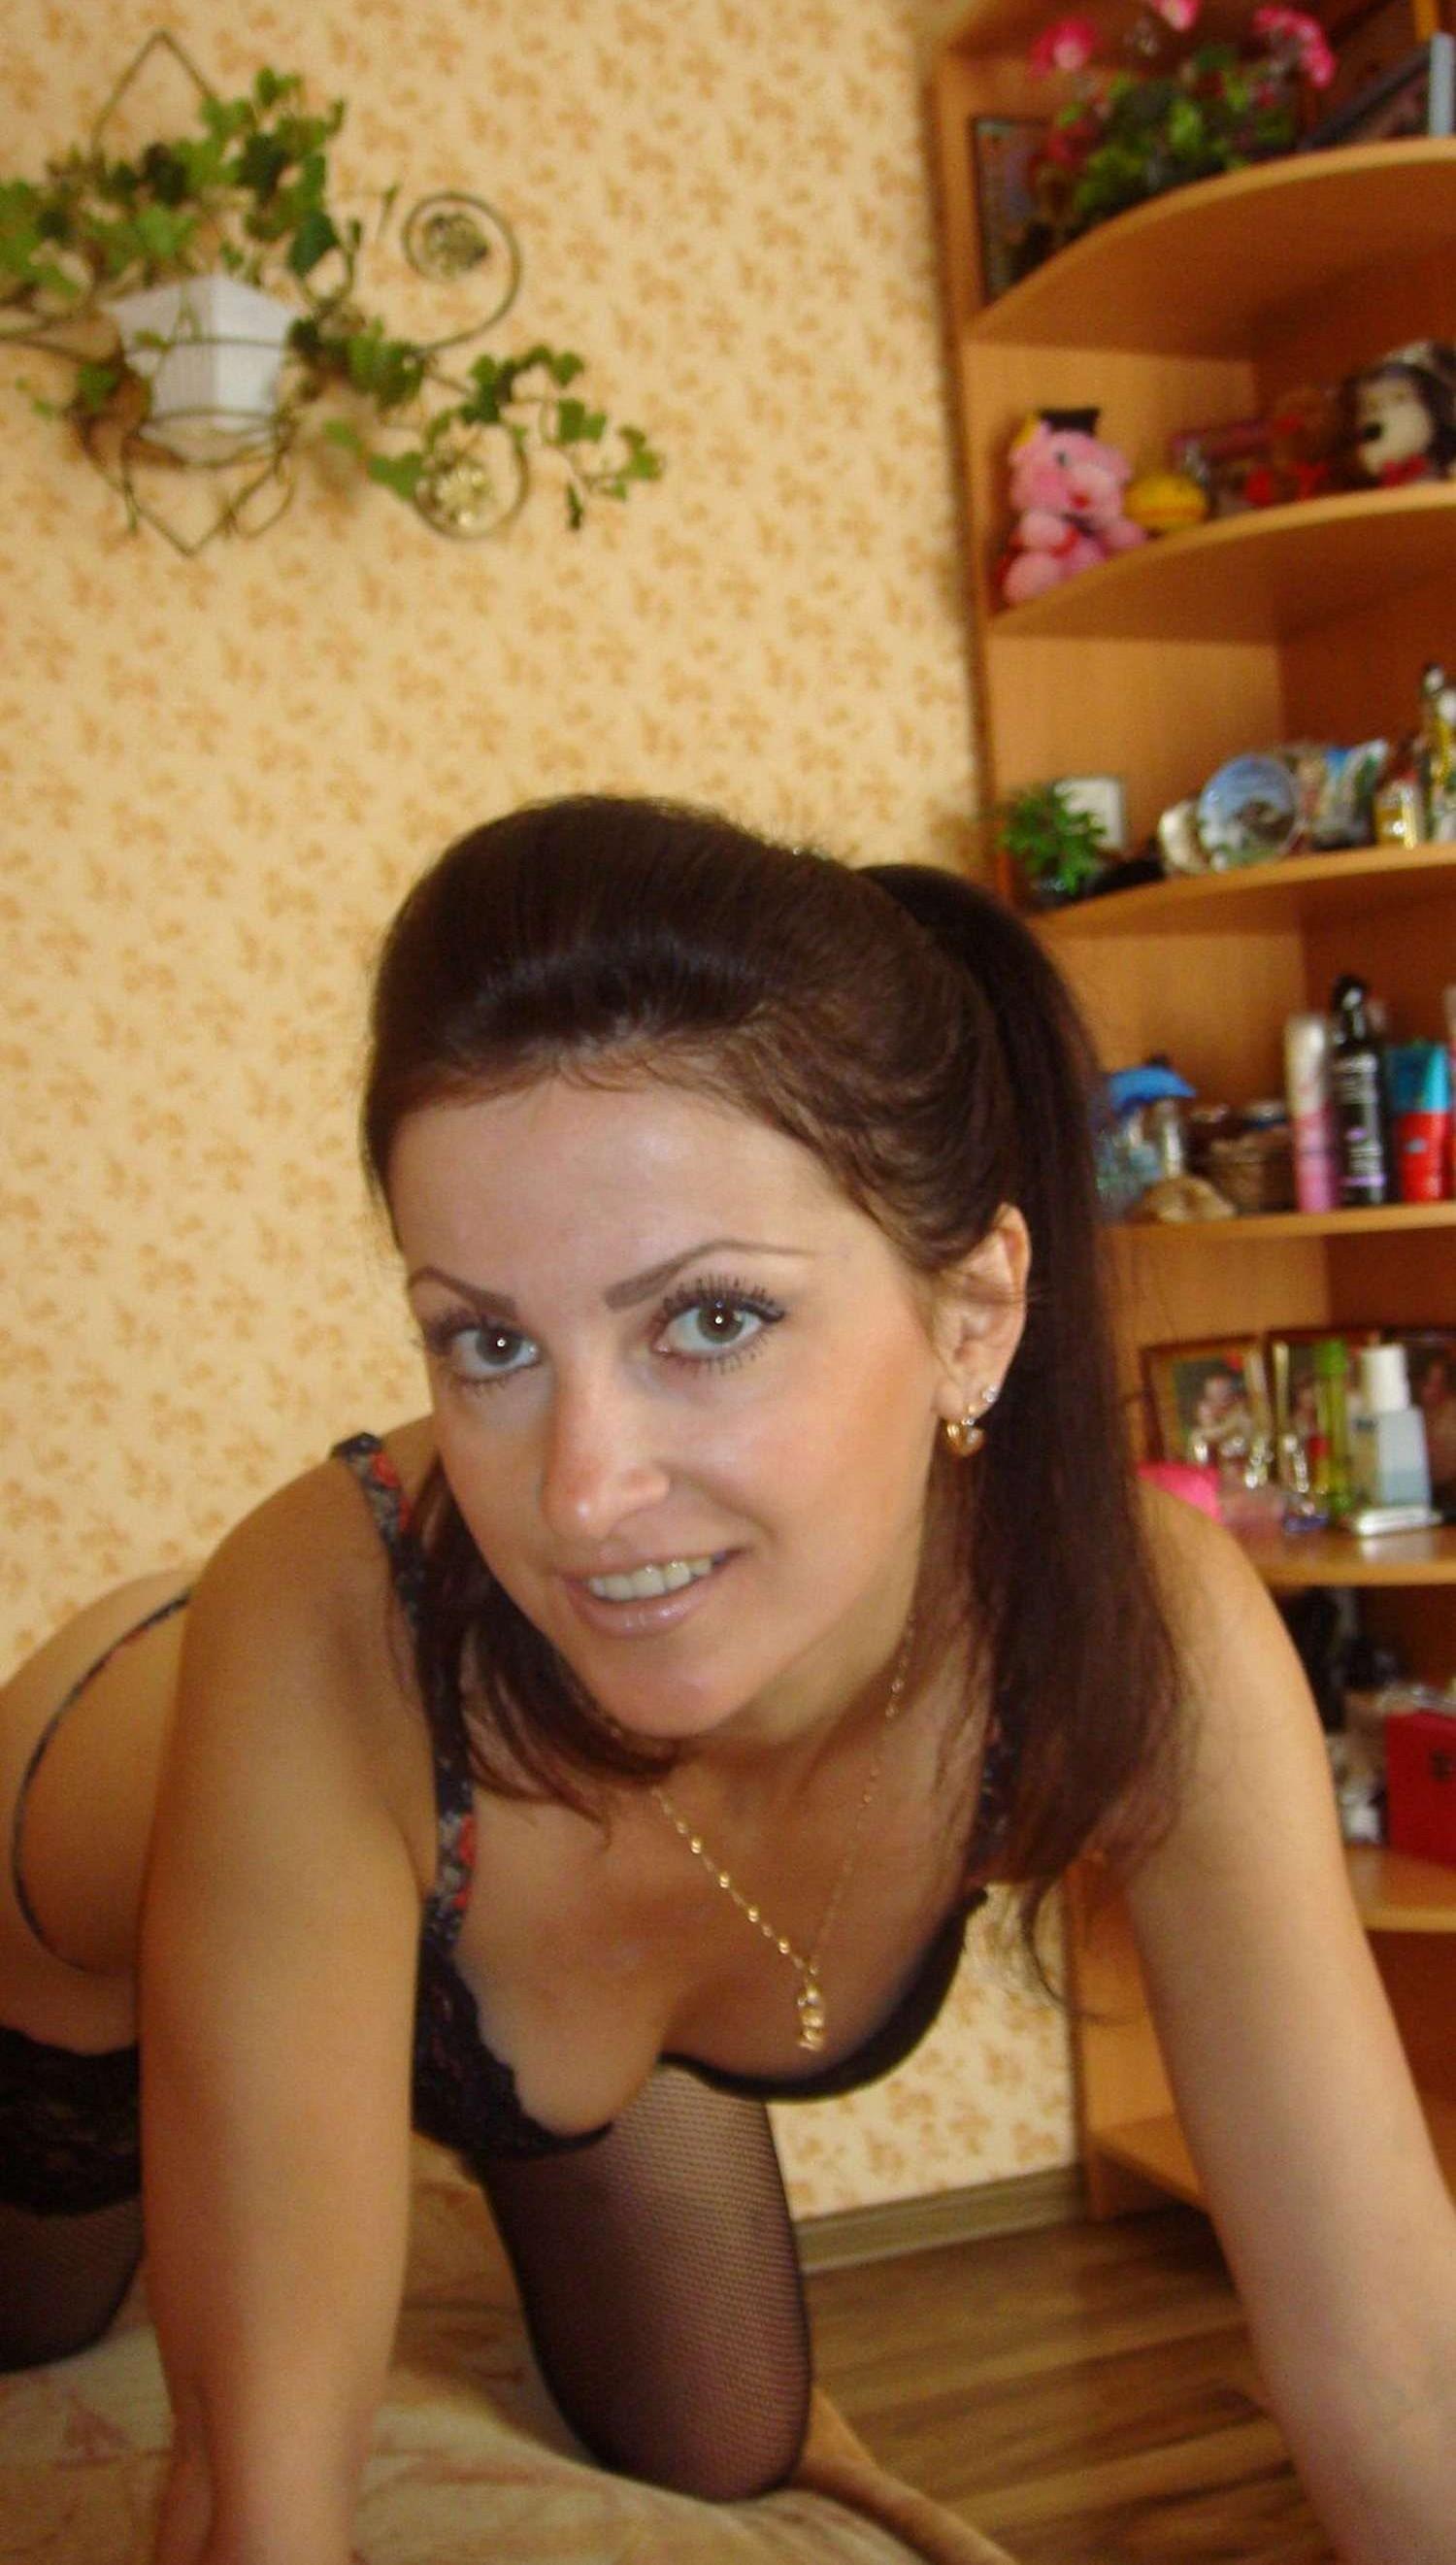 brunette-amateur-nude-milf-06